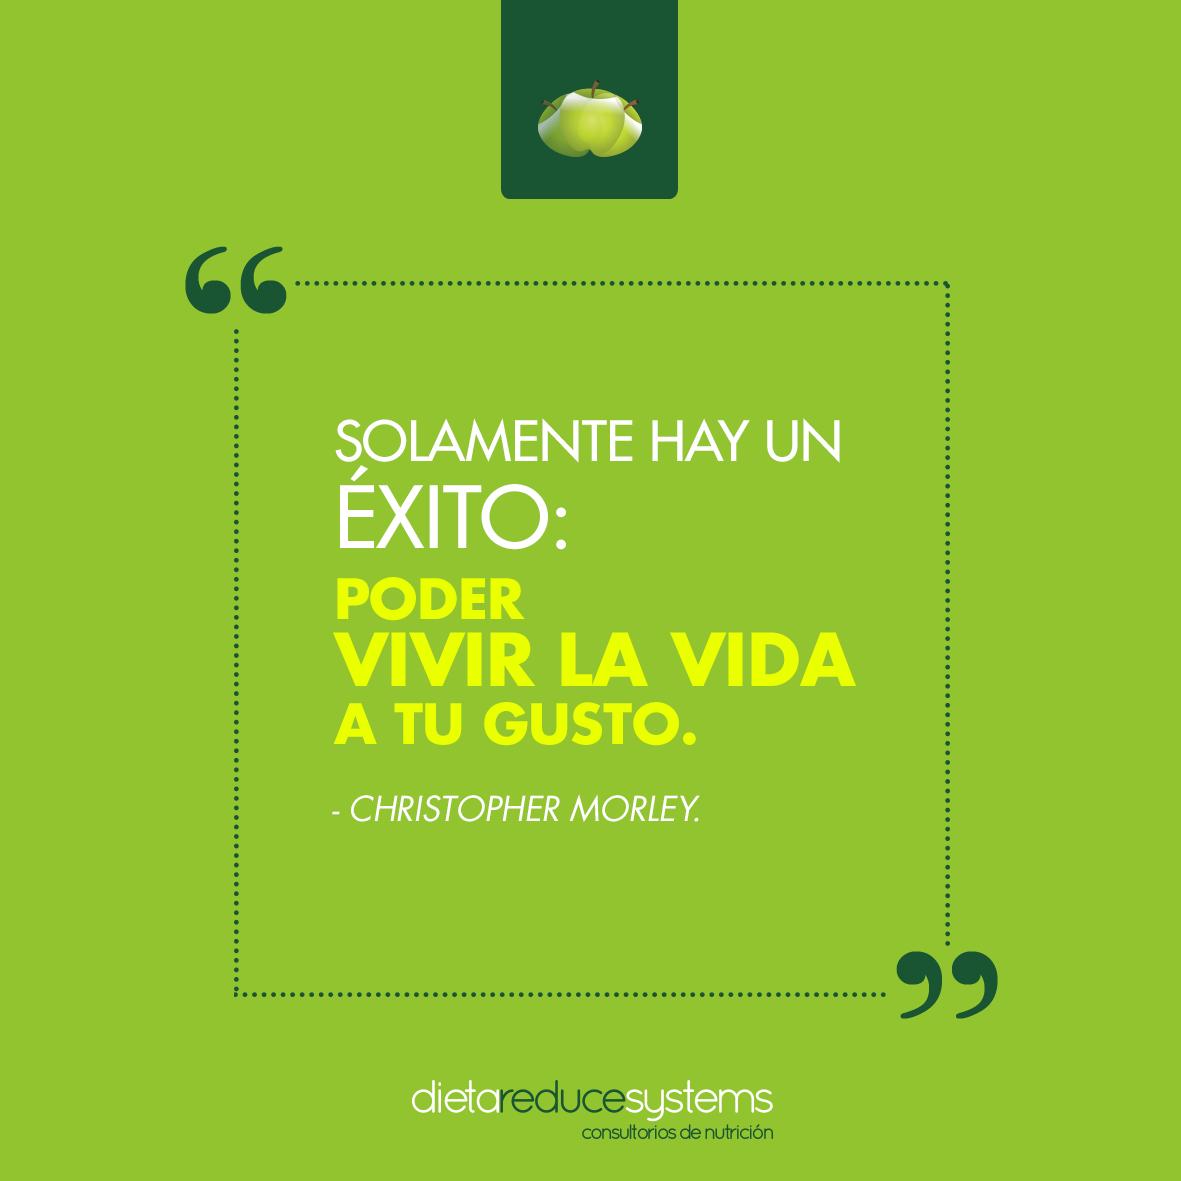 ¡Vive #saludable todos los días y sorpréndete de los cambios! #Felizviernes #frases dietamx.com